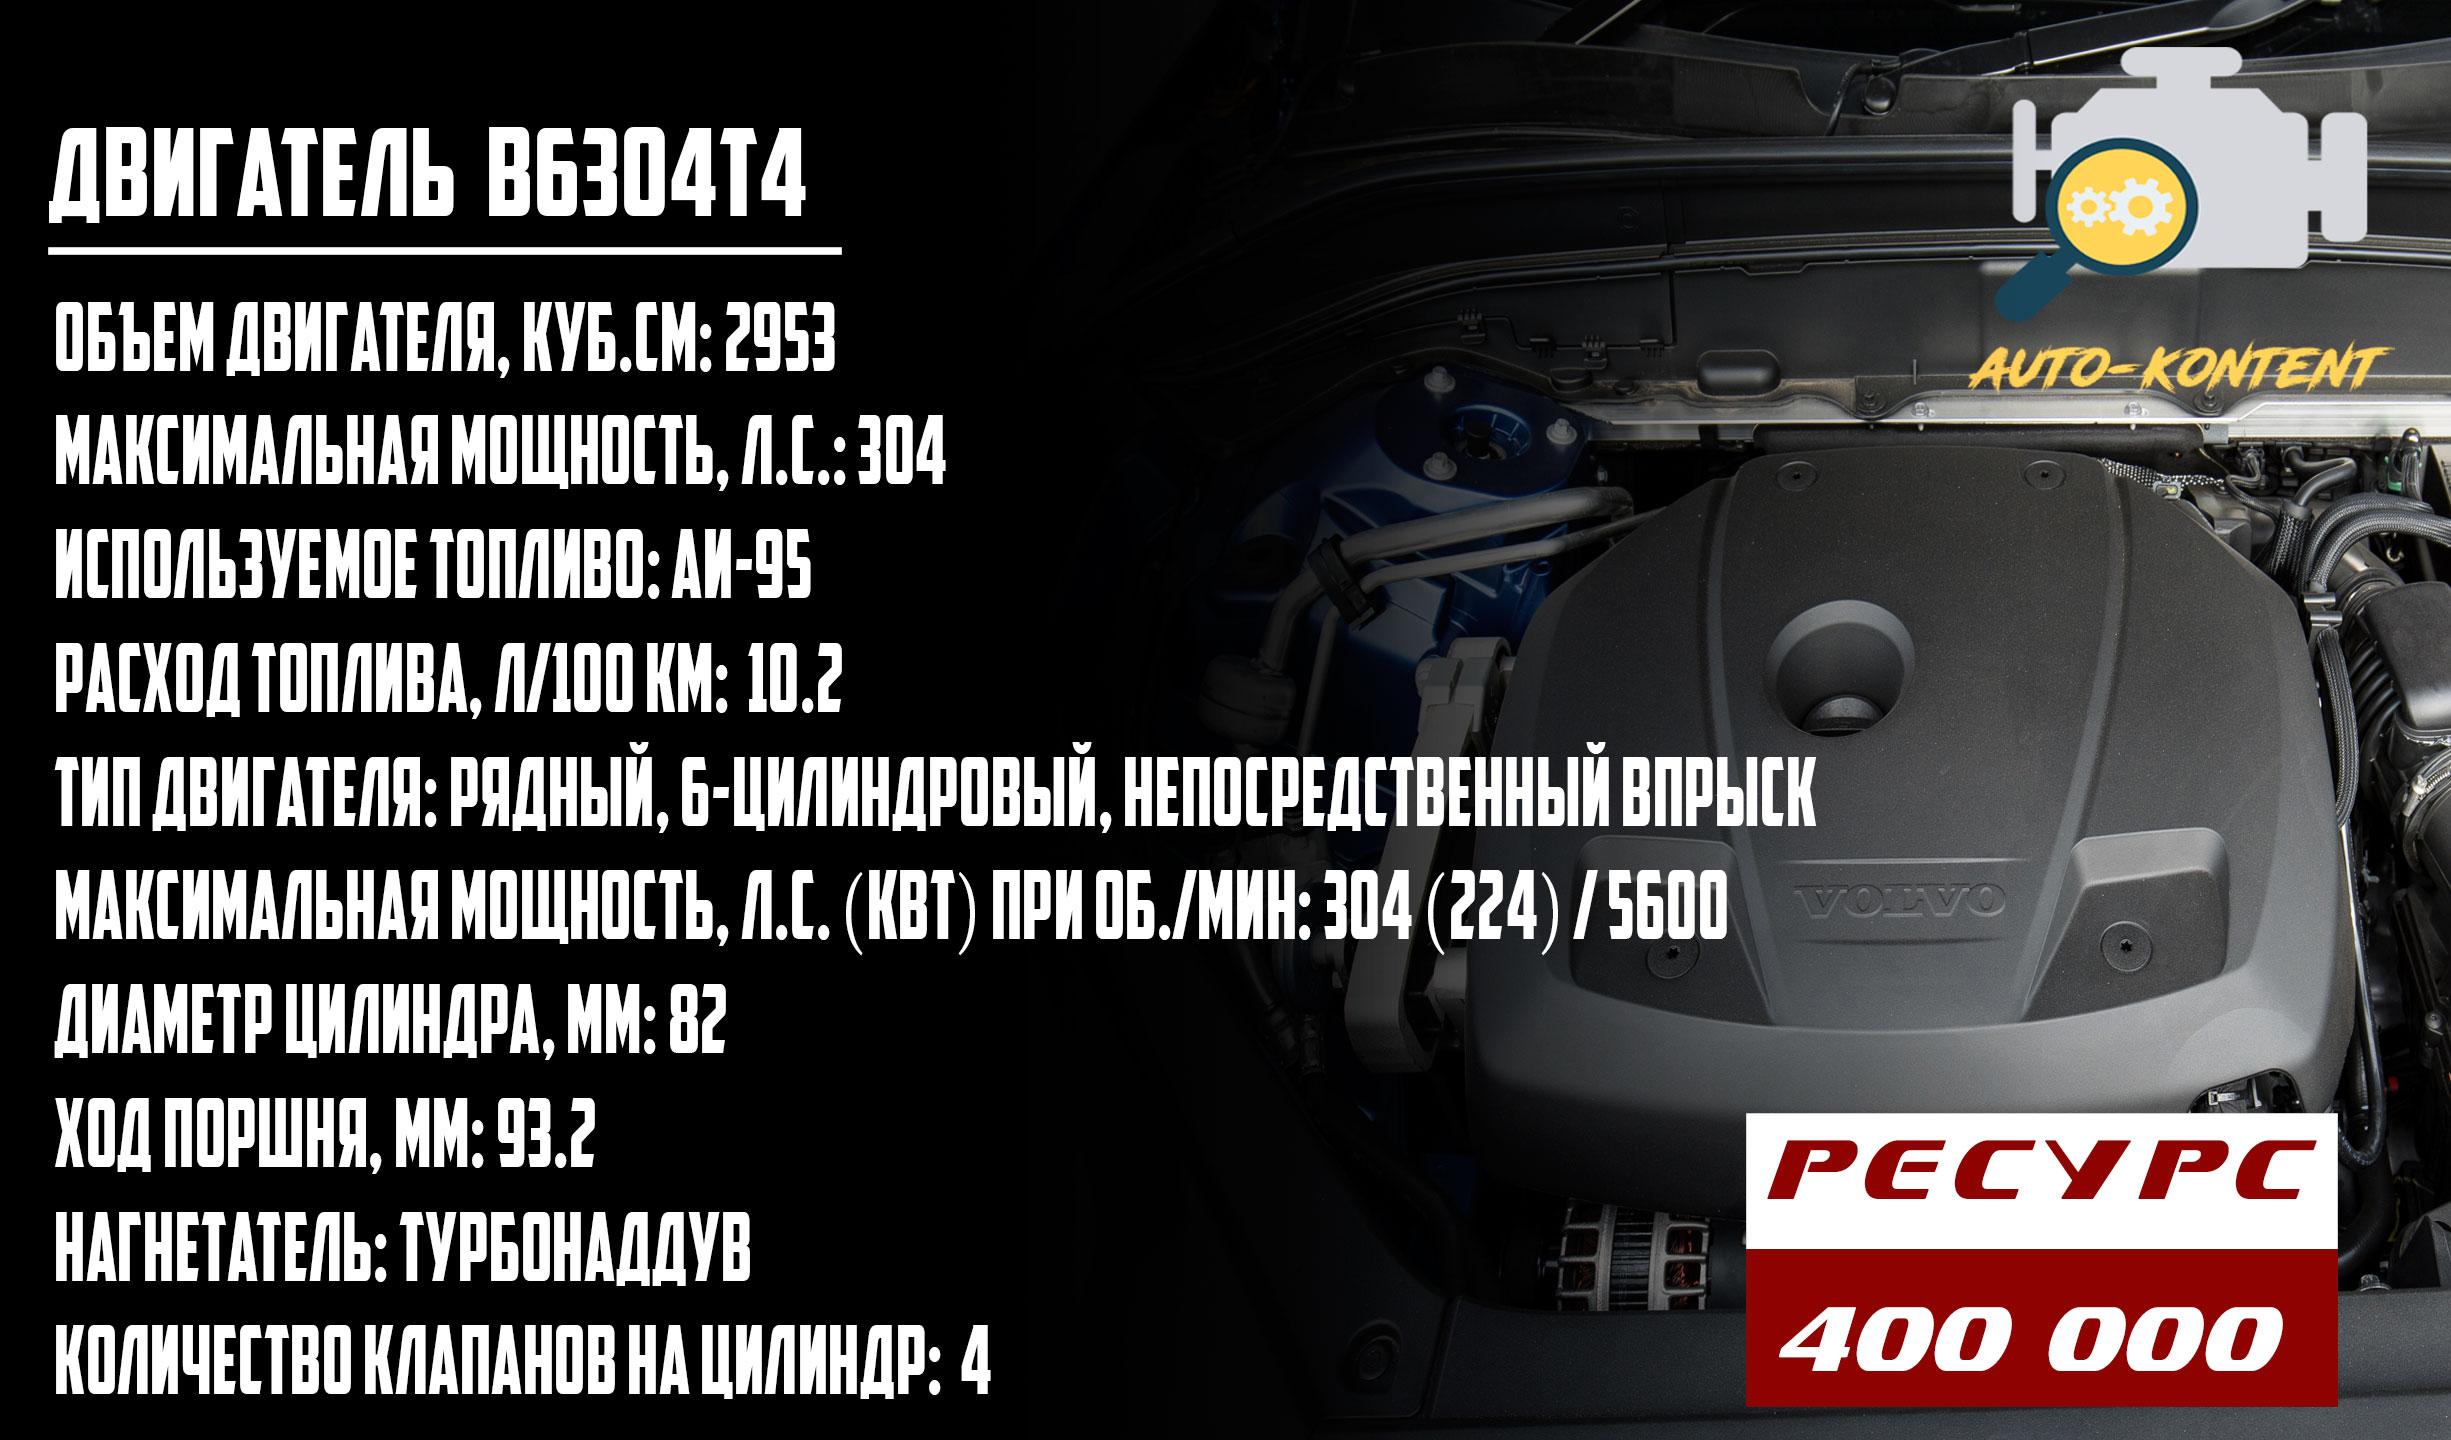 B6304T4